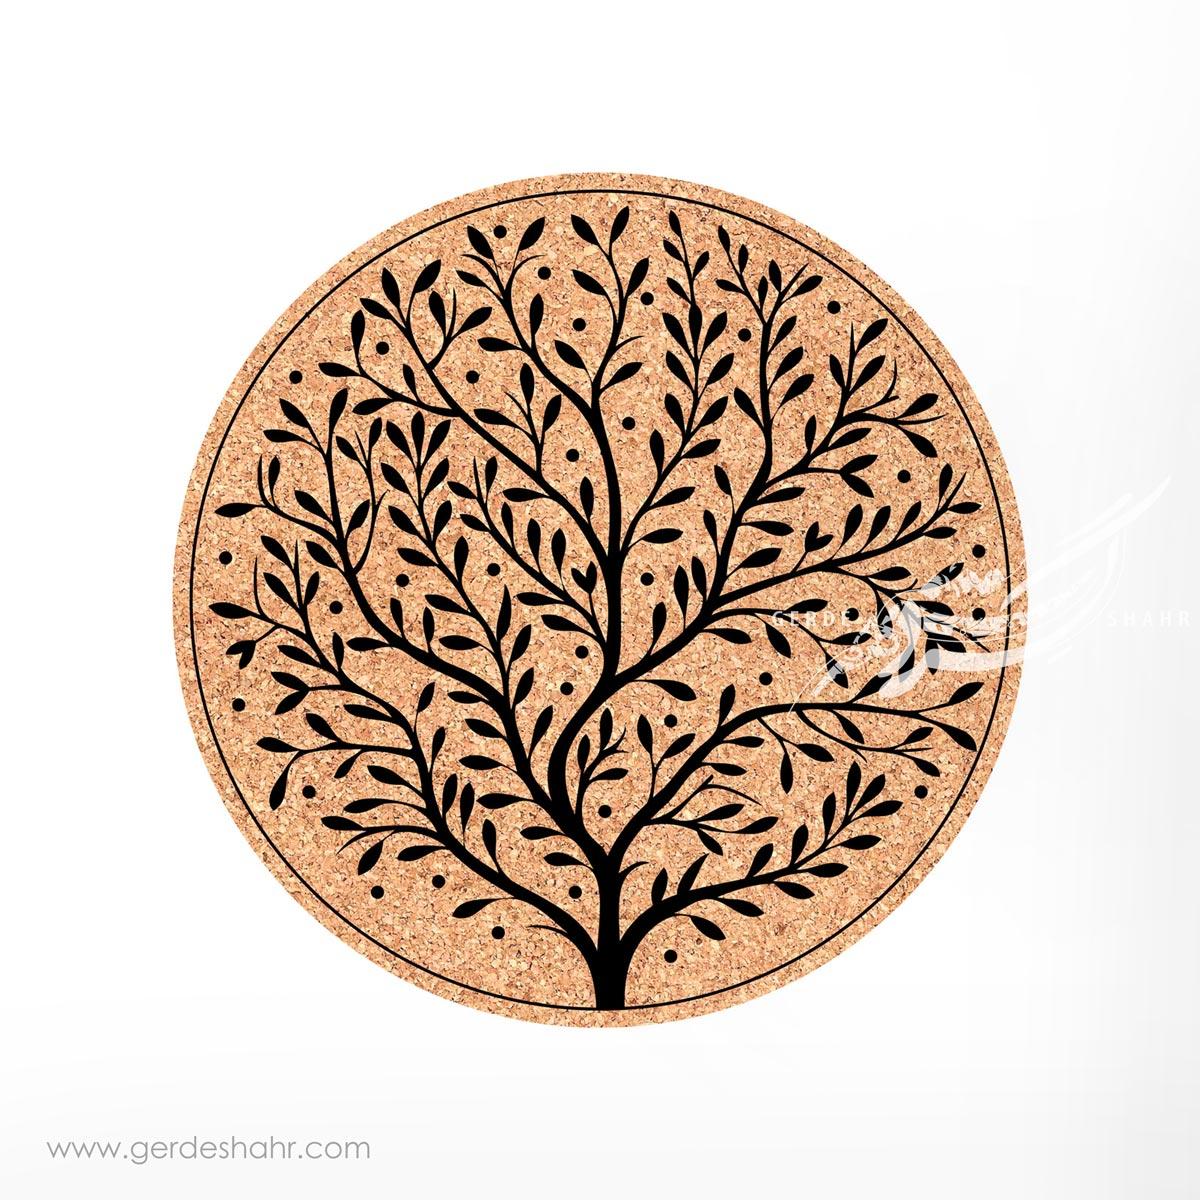 زیرقابلمه ای دایره درخت زندگی محصولات